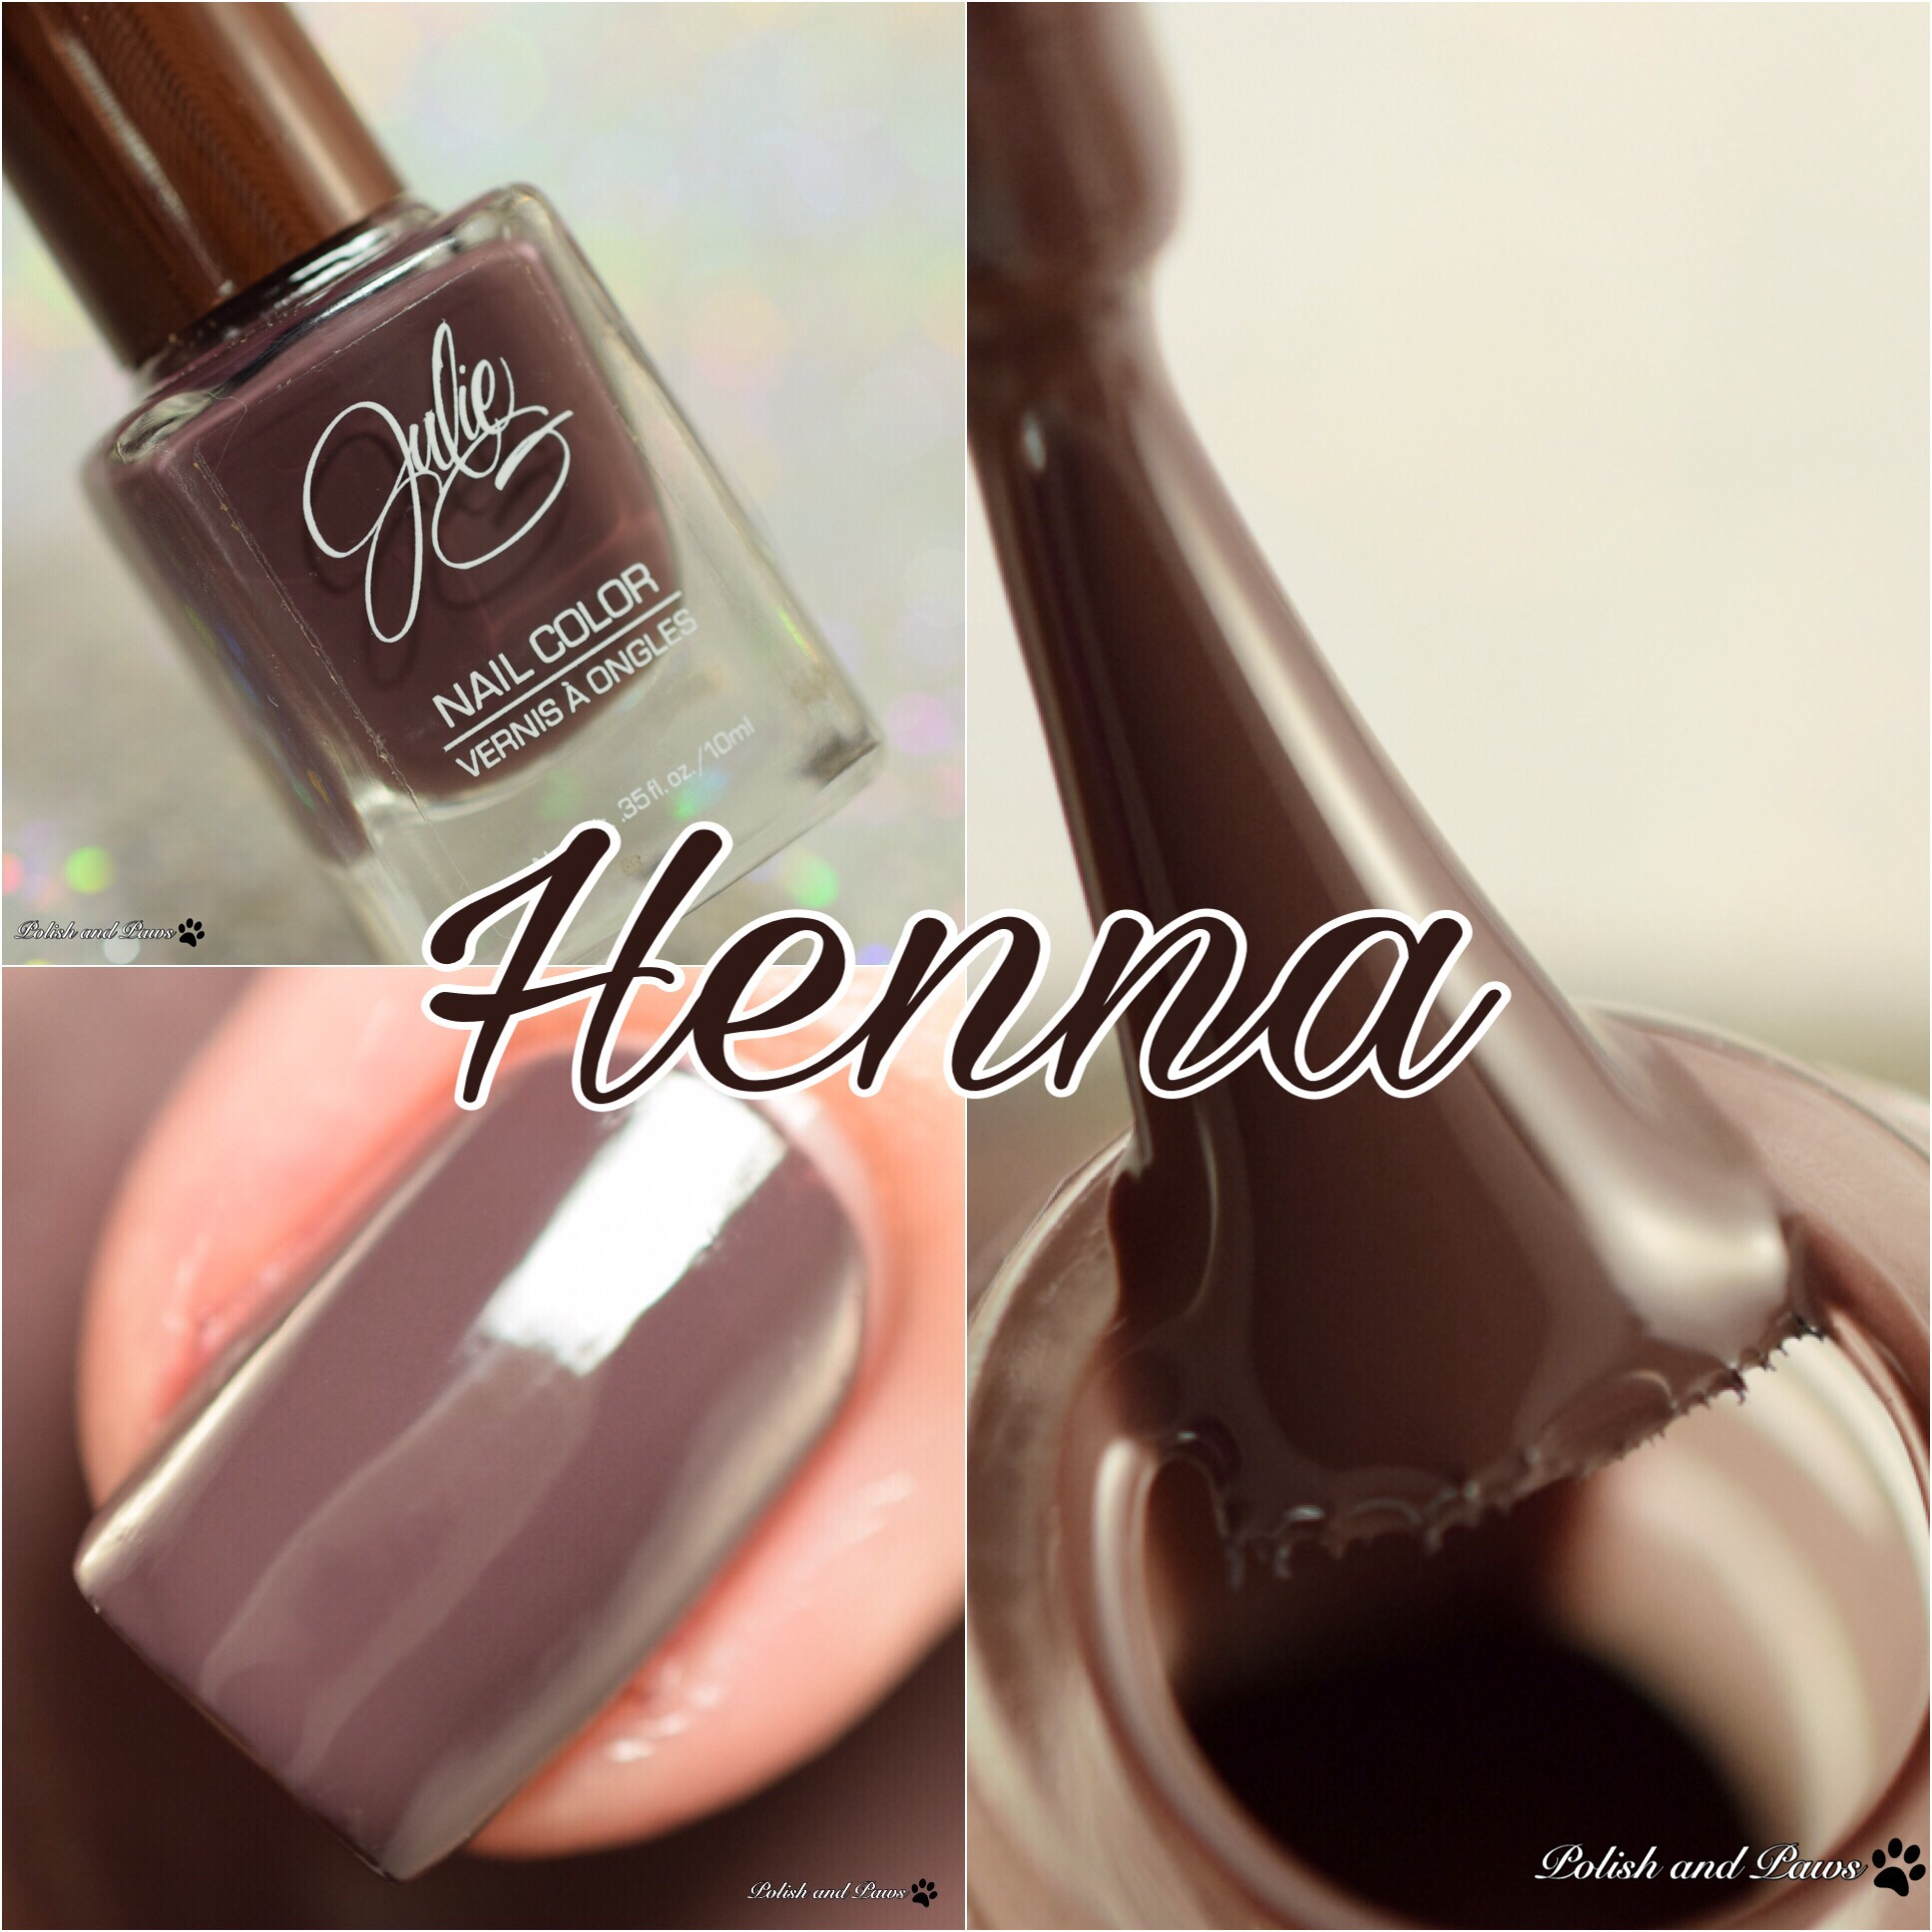 JulieG Henna